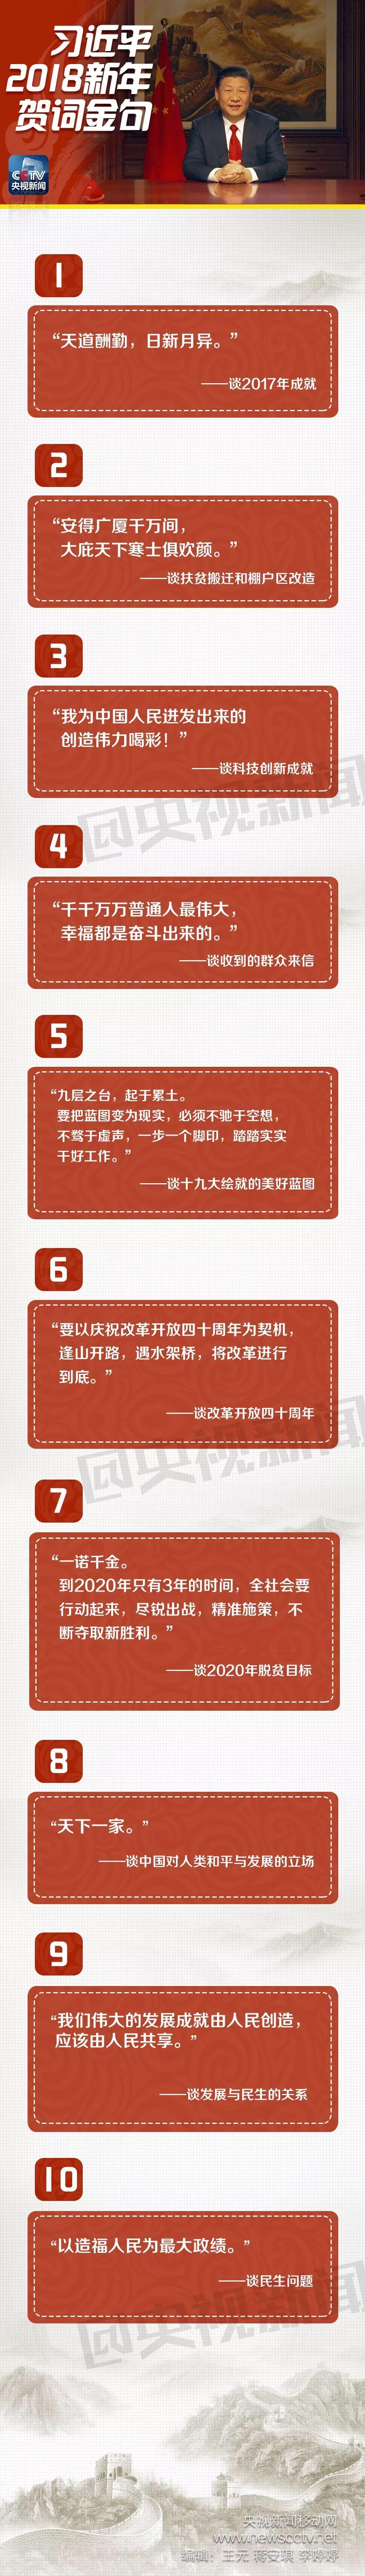 """习近平2018新年贺词中必学的10大""""金句"""" 新湖南www.hunanabc.com"""